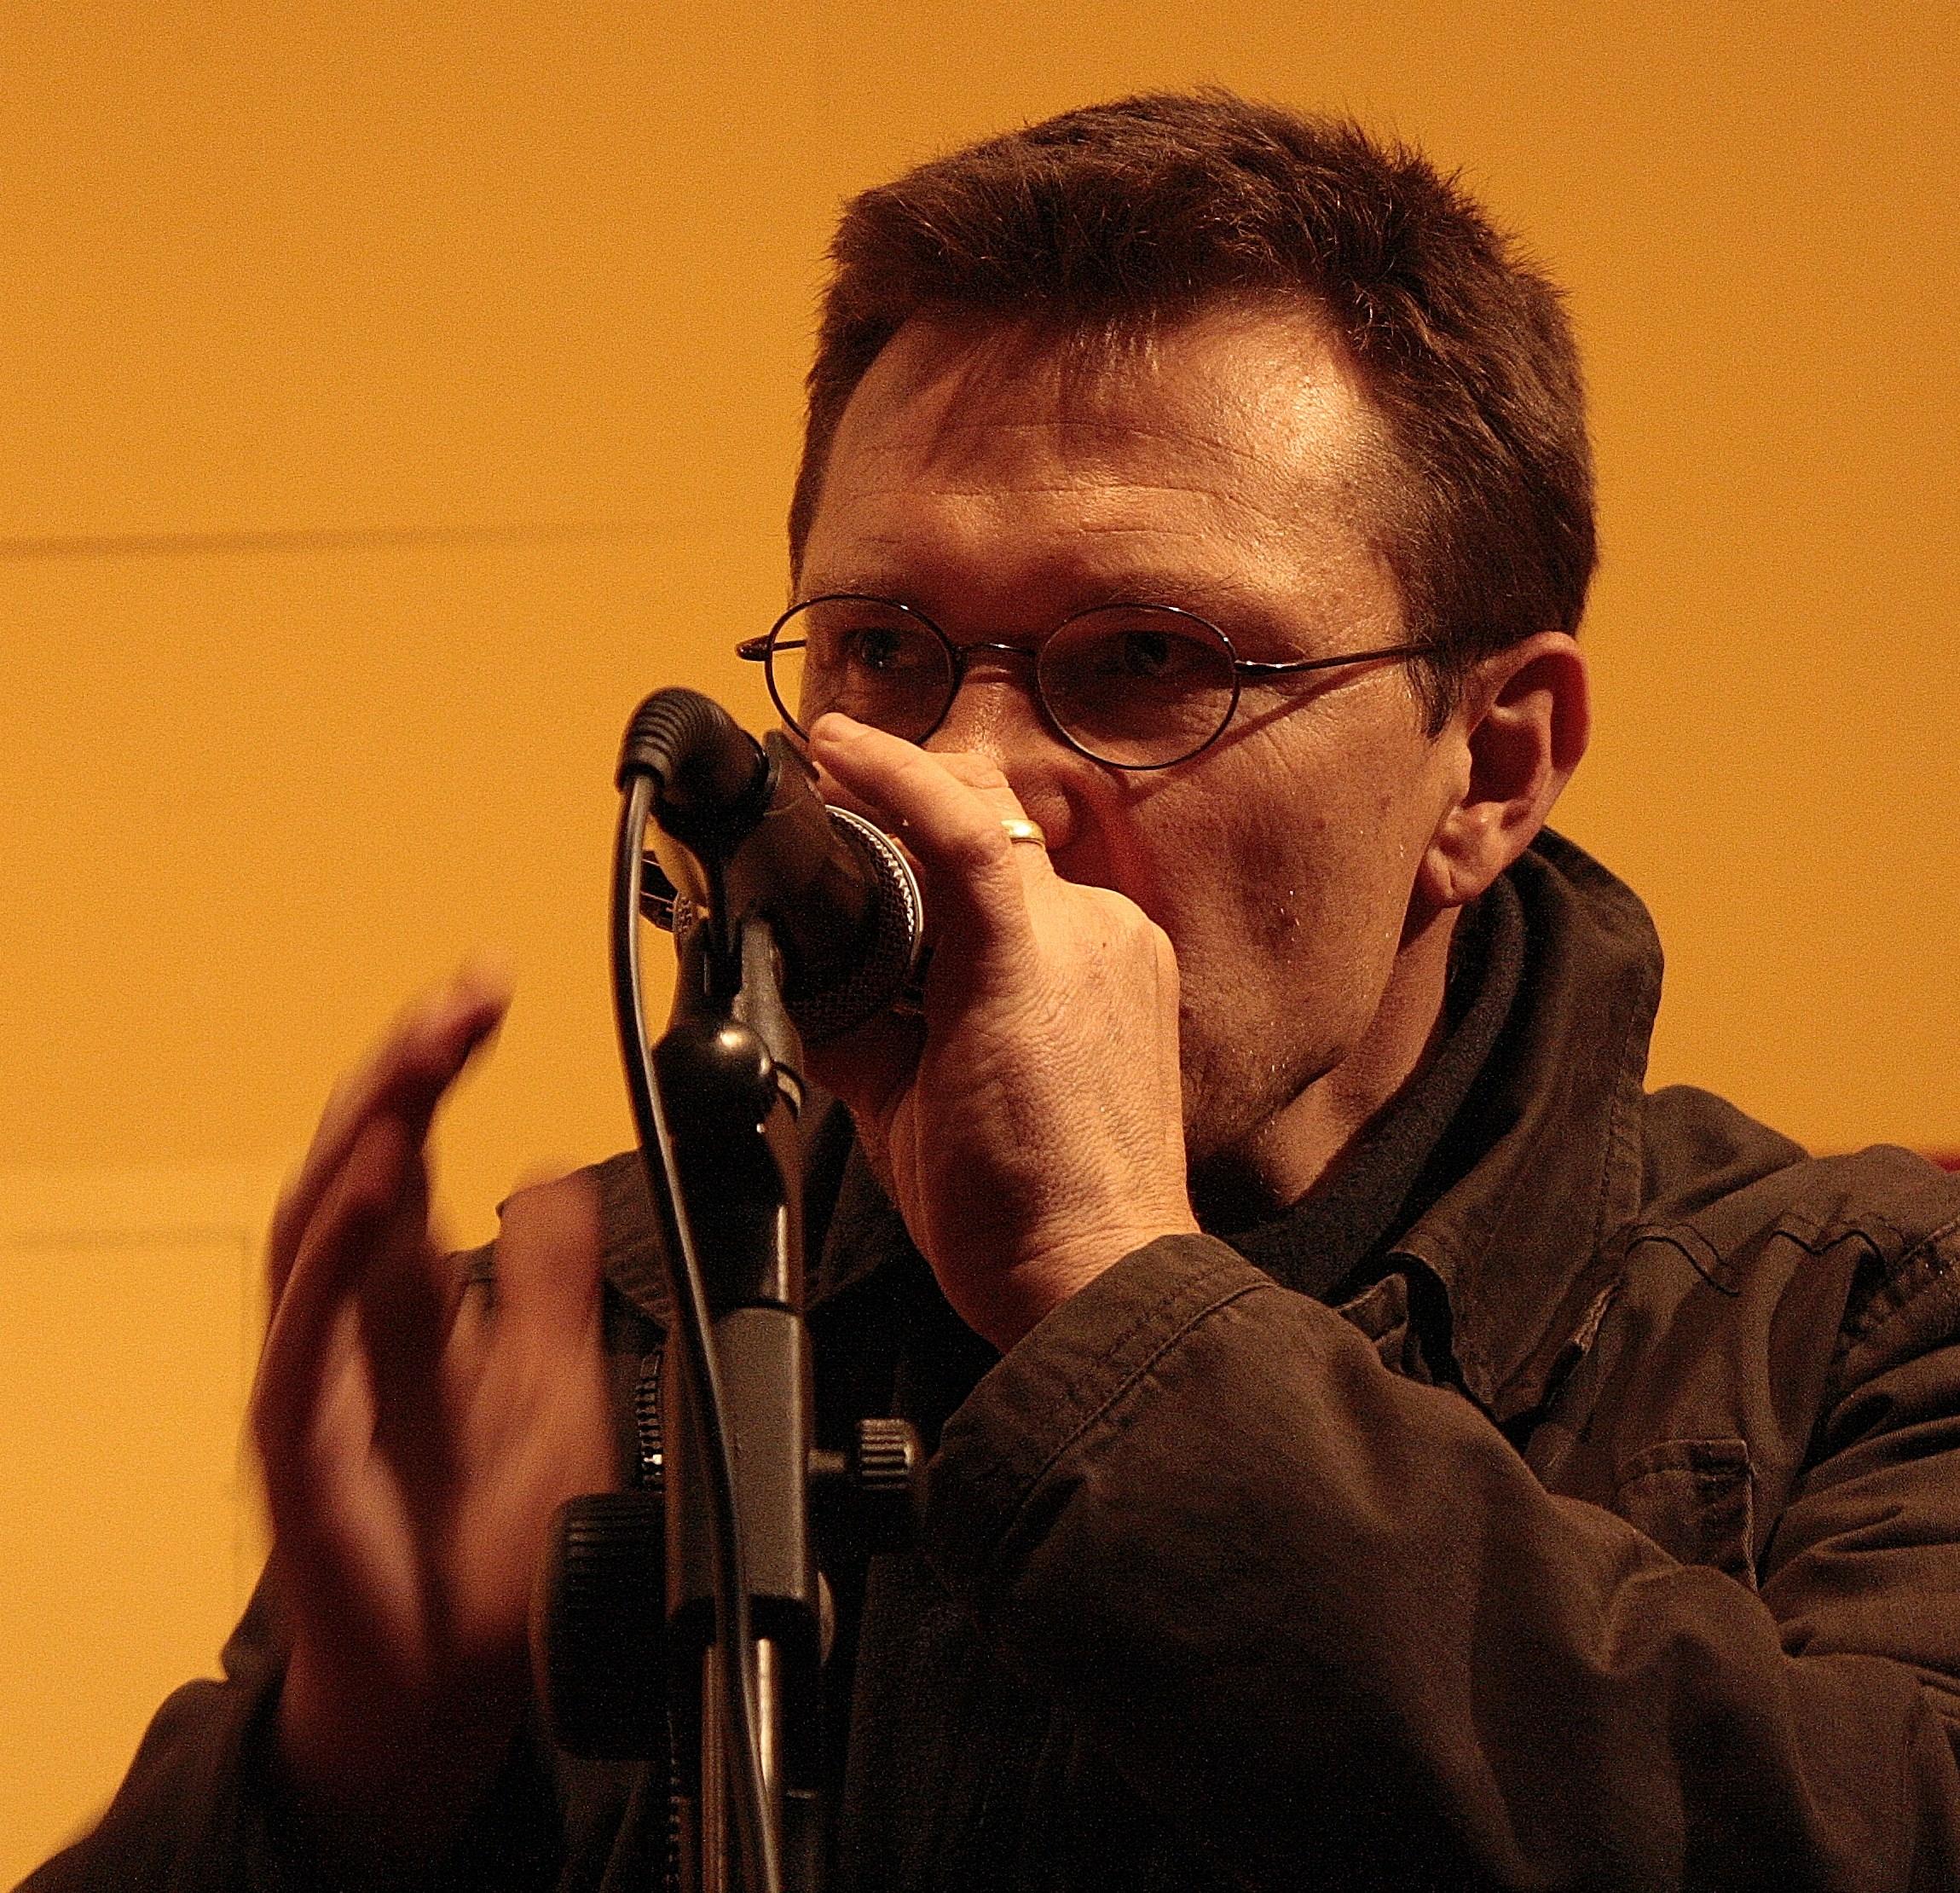 Konstantin Gehring